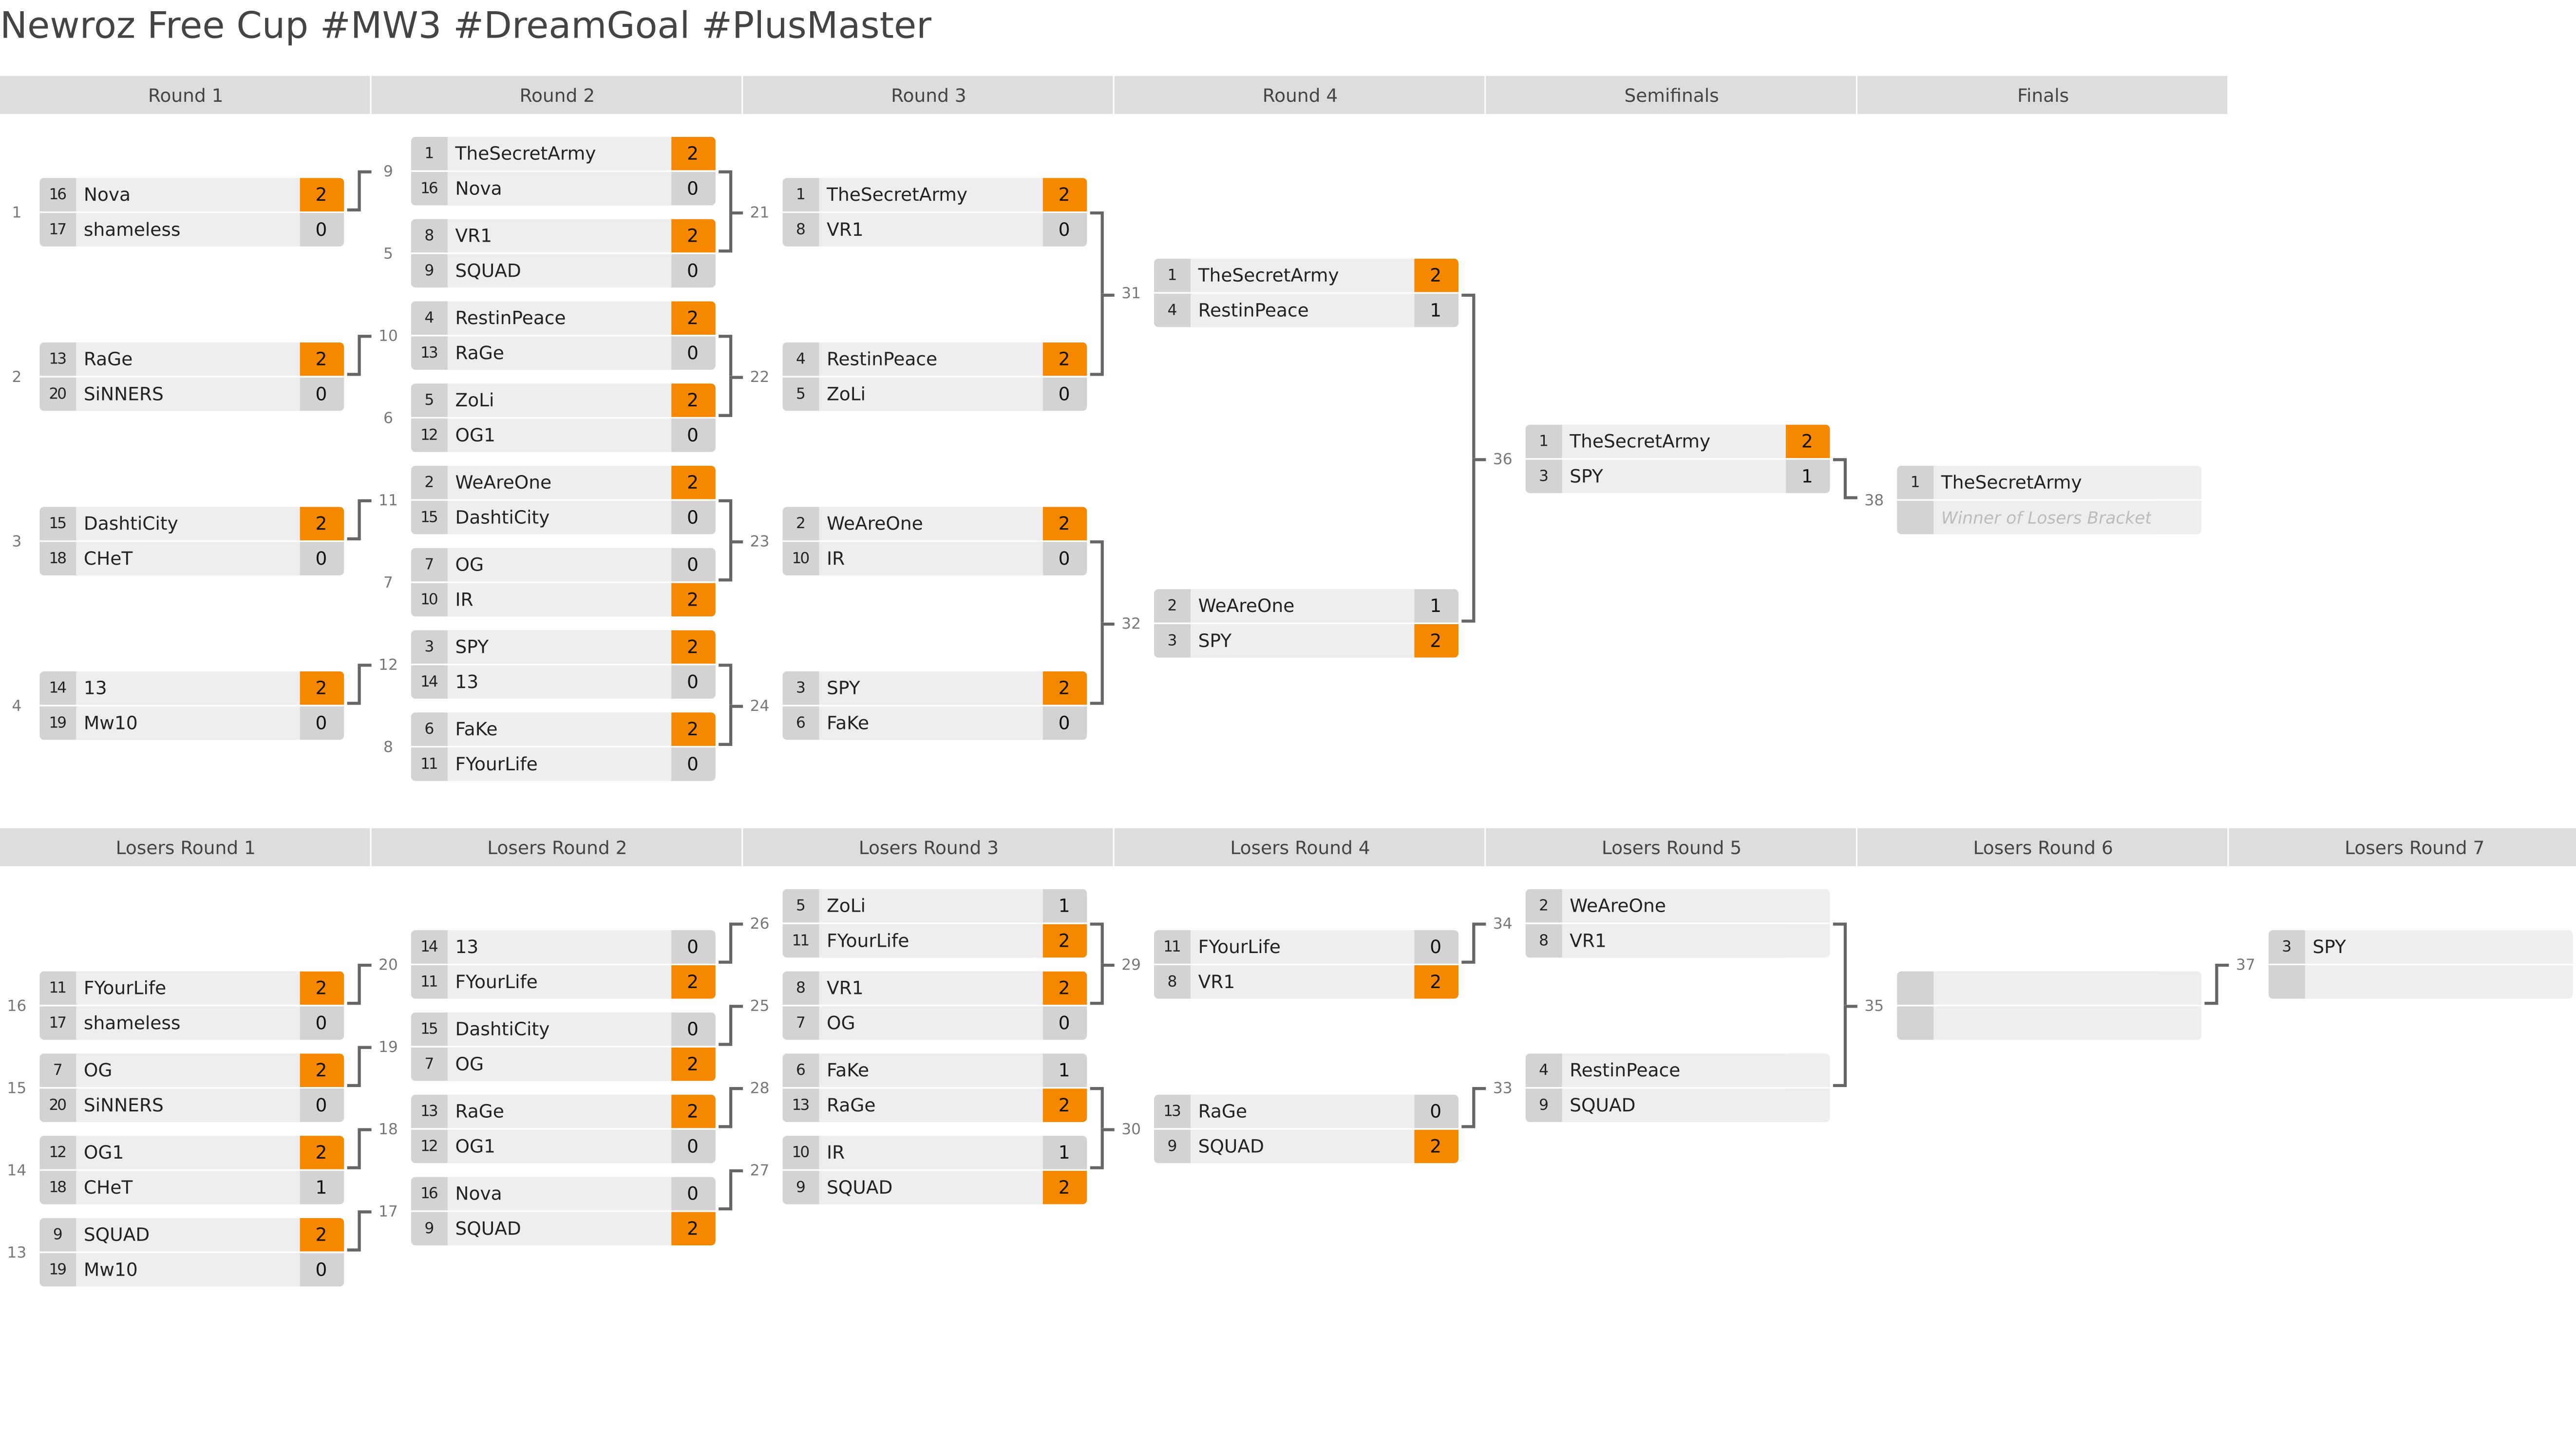 نمایش مرحله حذفی مسابقات NewRoz Free Cup #MW2019 #PC